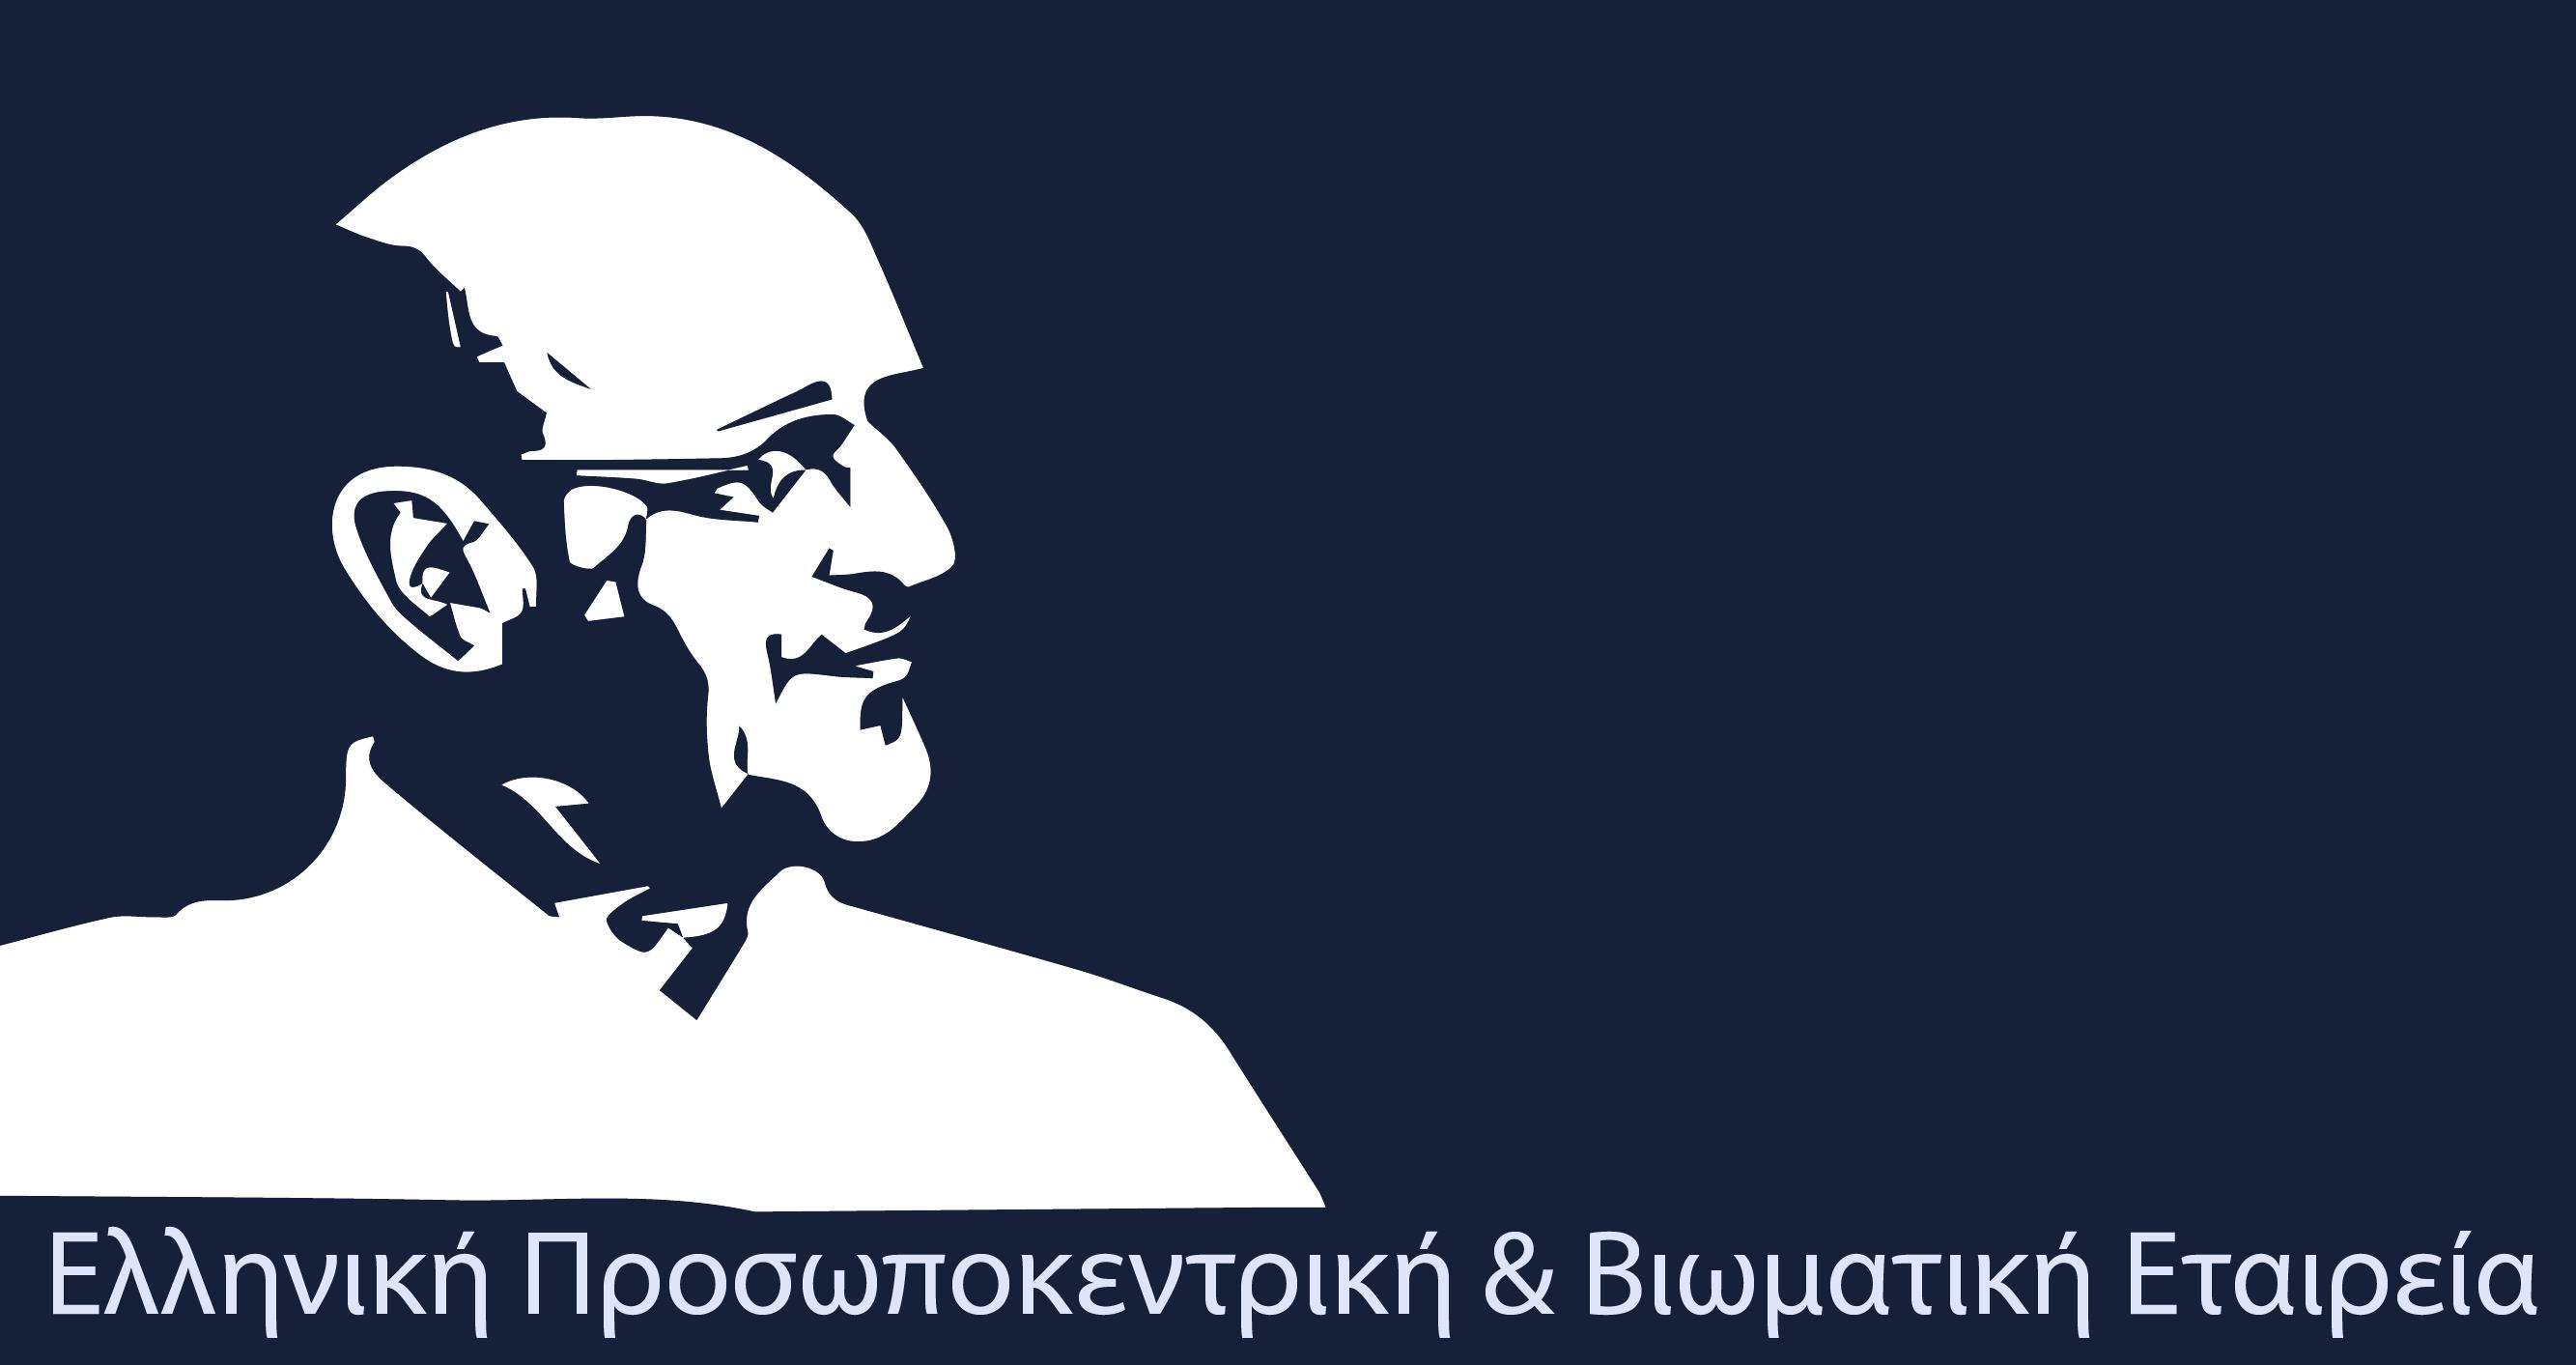 Ελληνική Προσωποκεντρική και Βιωματική Εταιρεία – Πρόσκληση